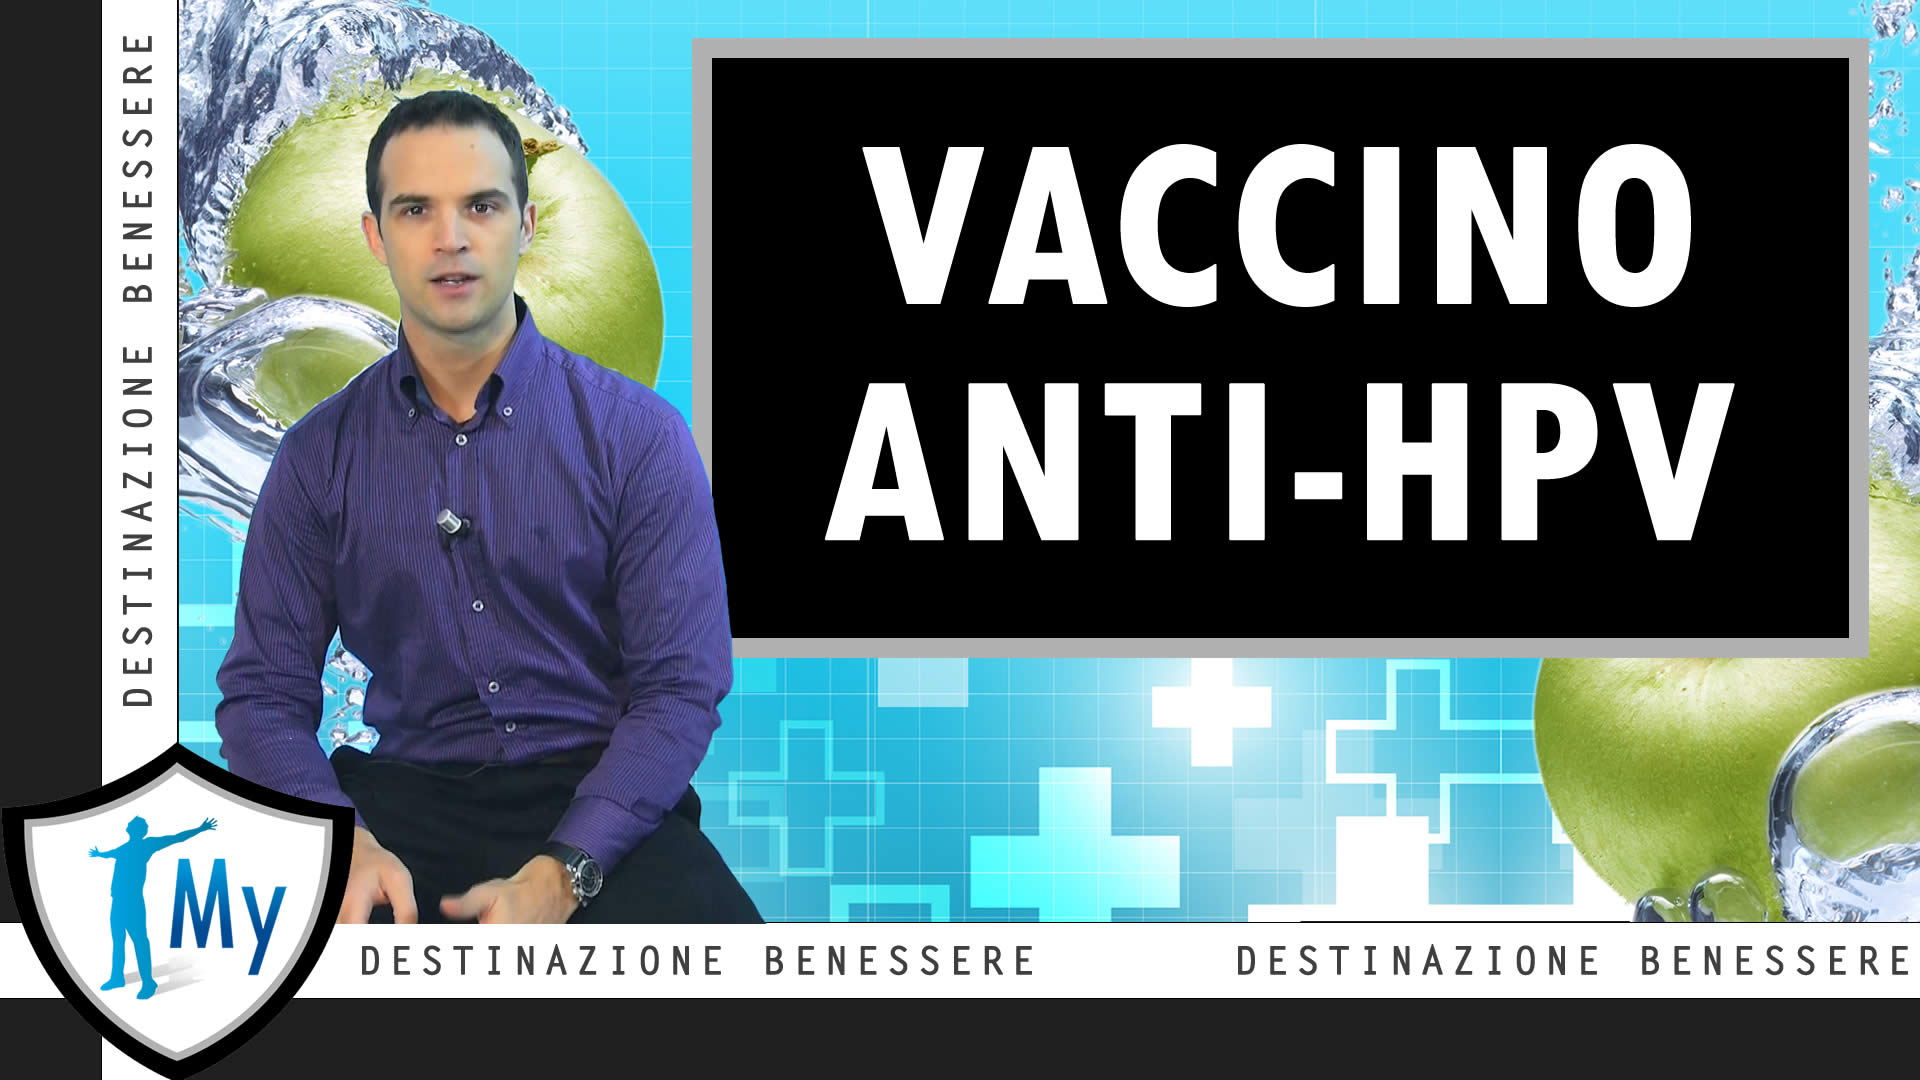 nfecții cu helmint și reglarea imunității gazdelor